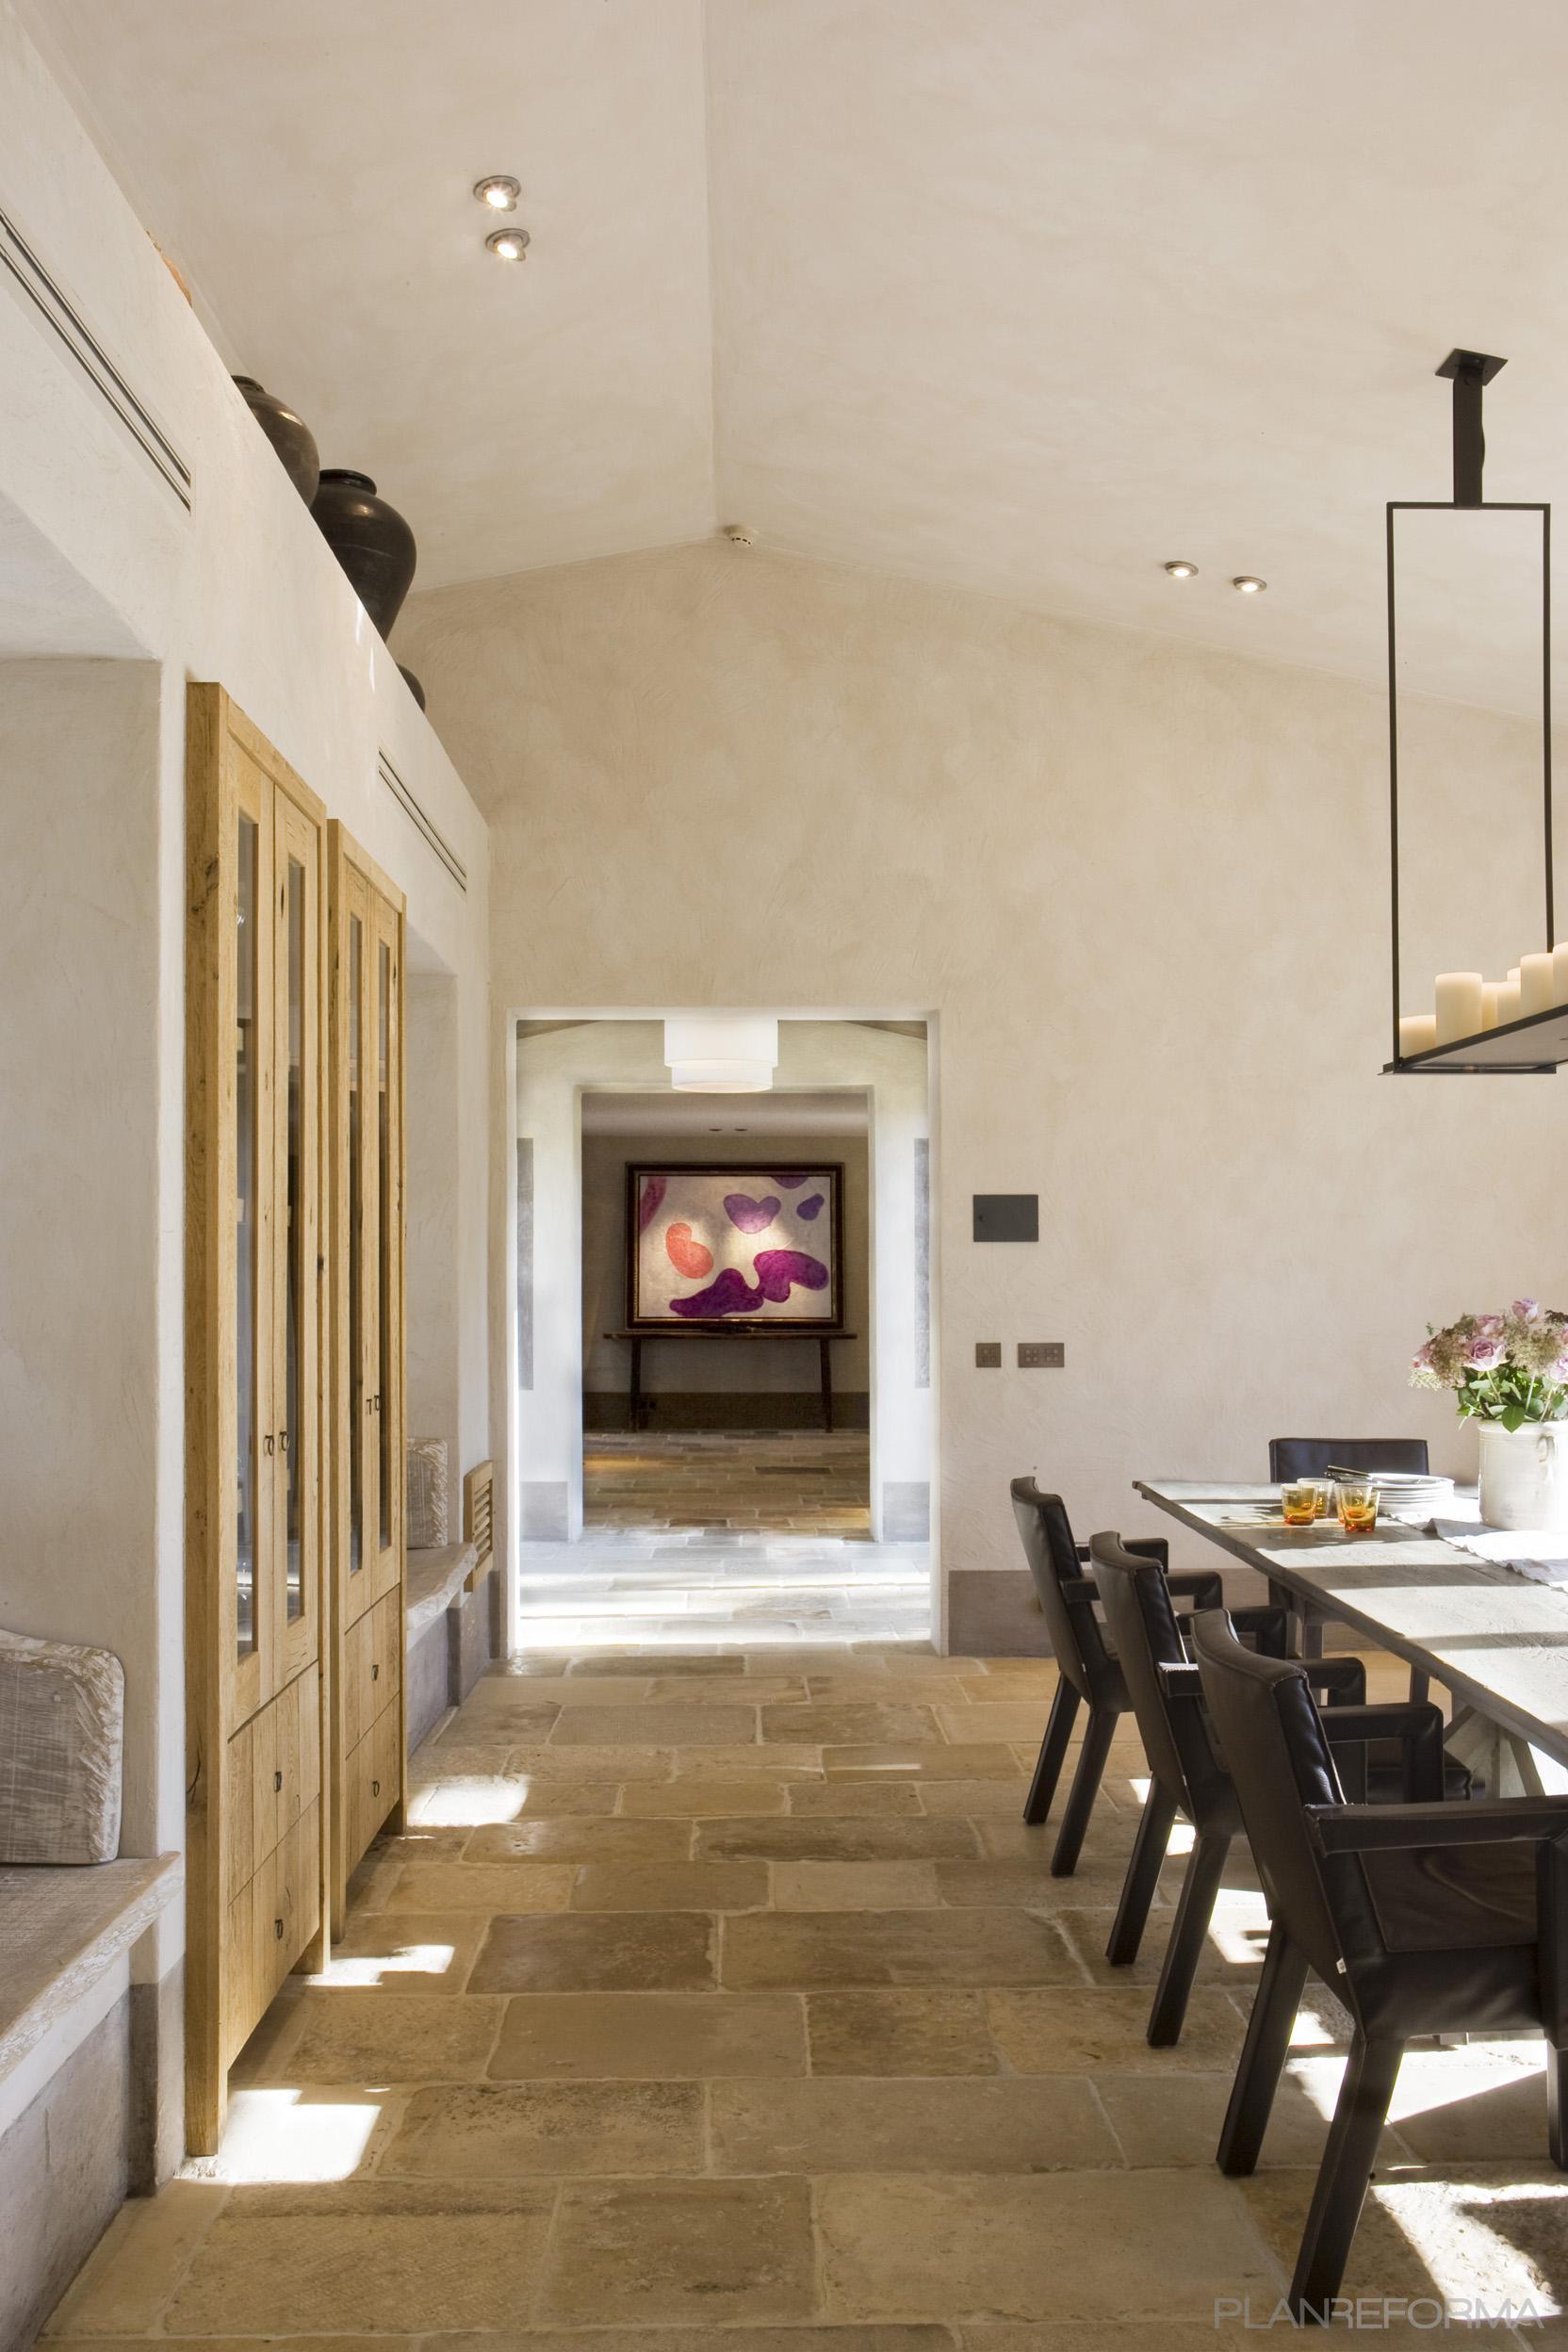 Comedor recibidor style rustico color beige marron negro for Pisos banos rusticos